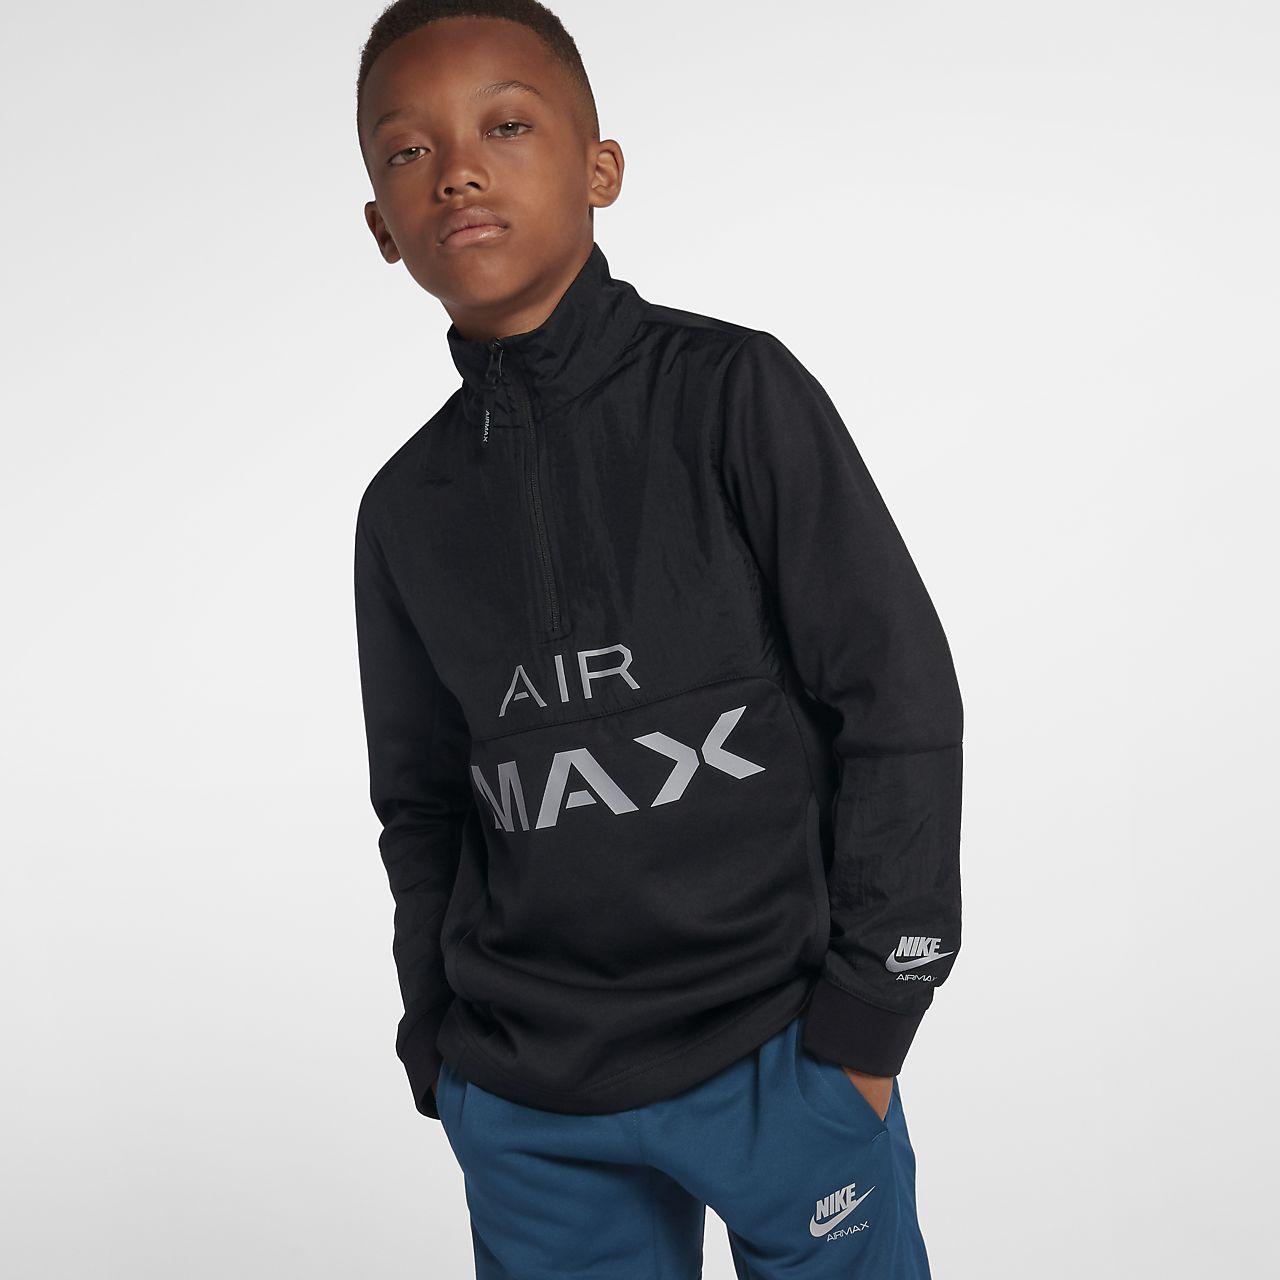 Atletická bunda Nike Air Max pro větší děti (chlapce)